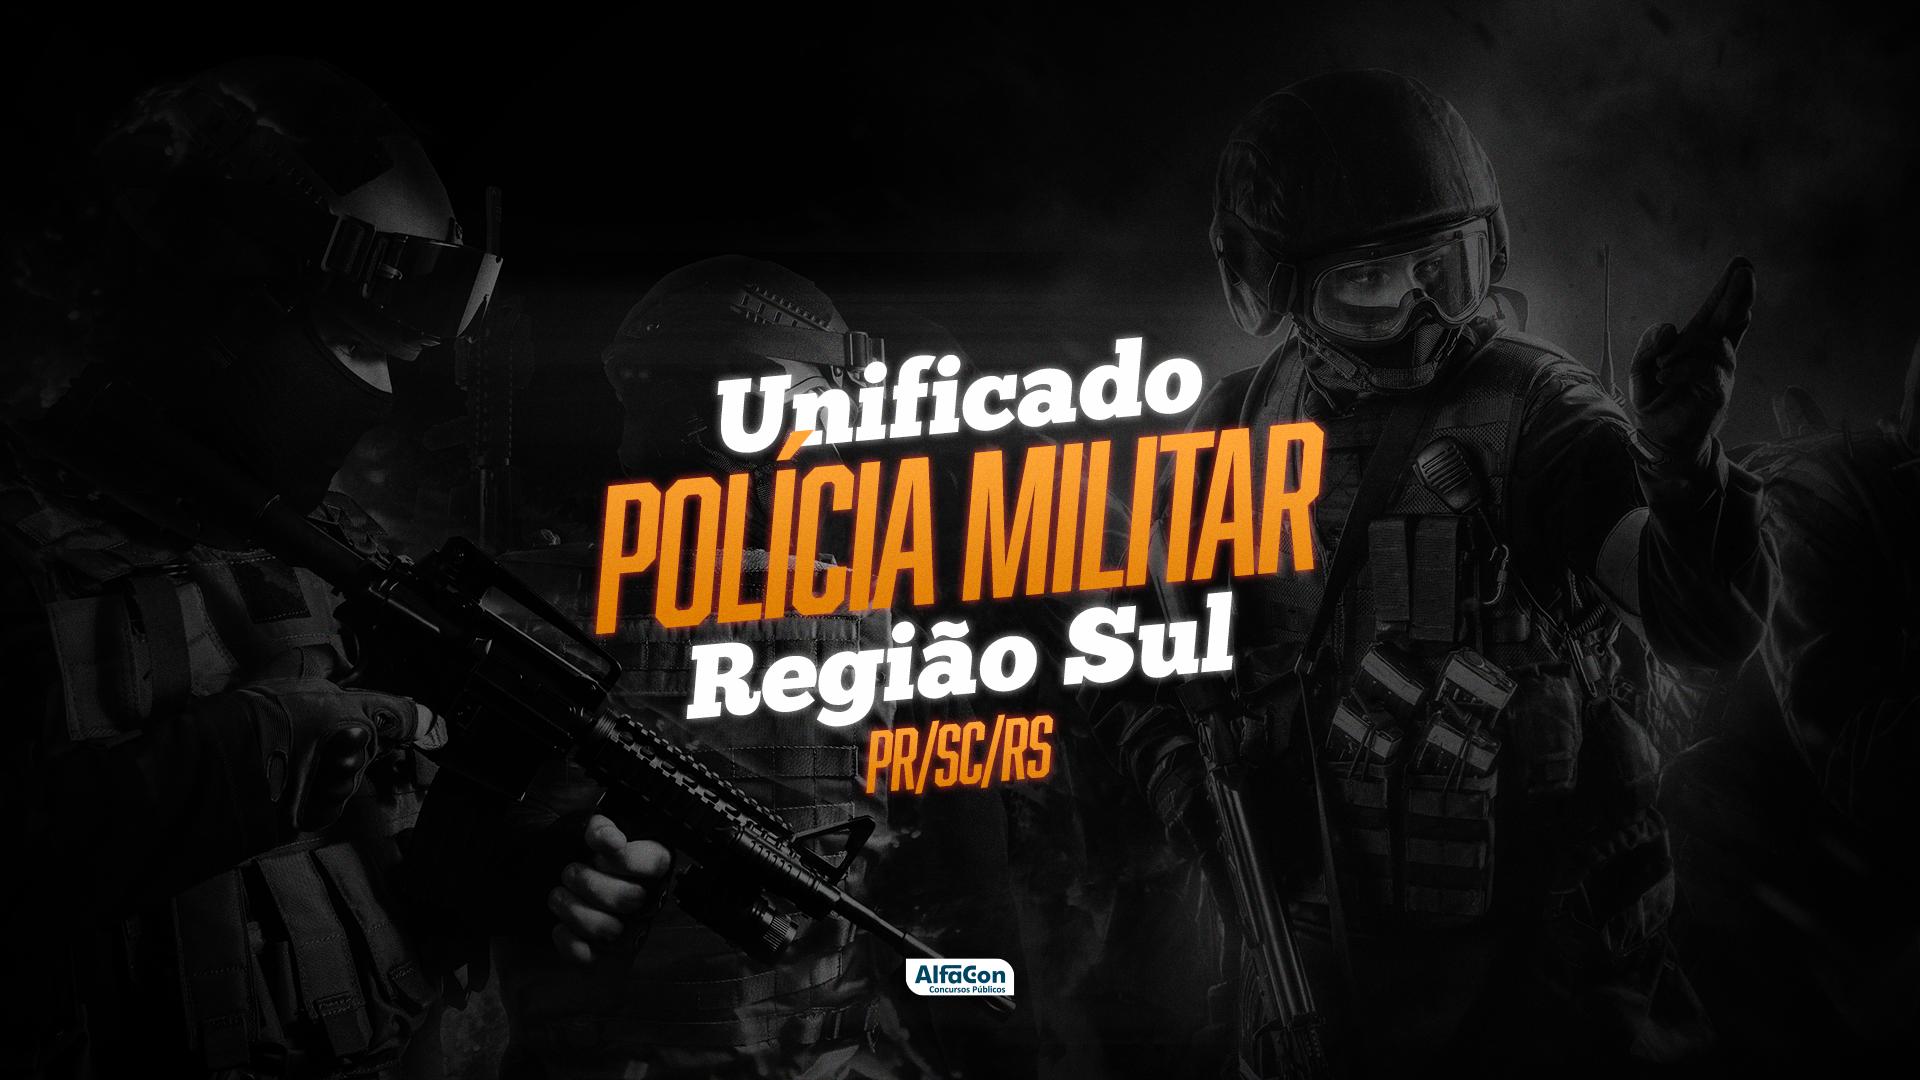 Unificado Polícia Militar - Região Sul